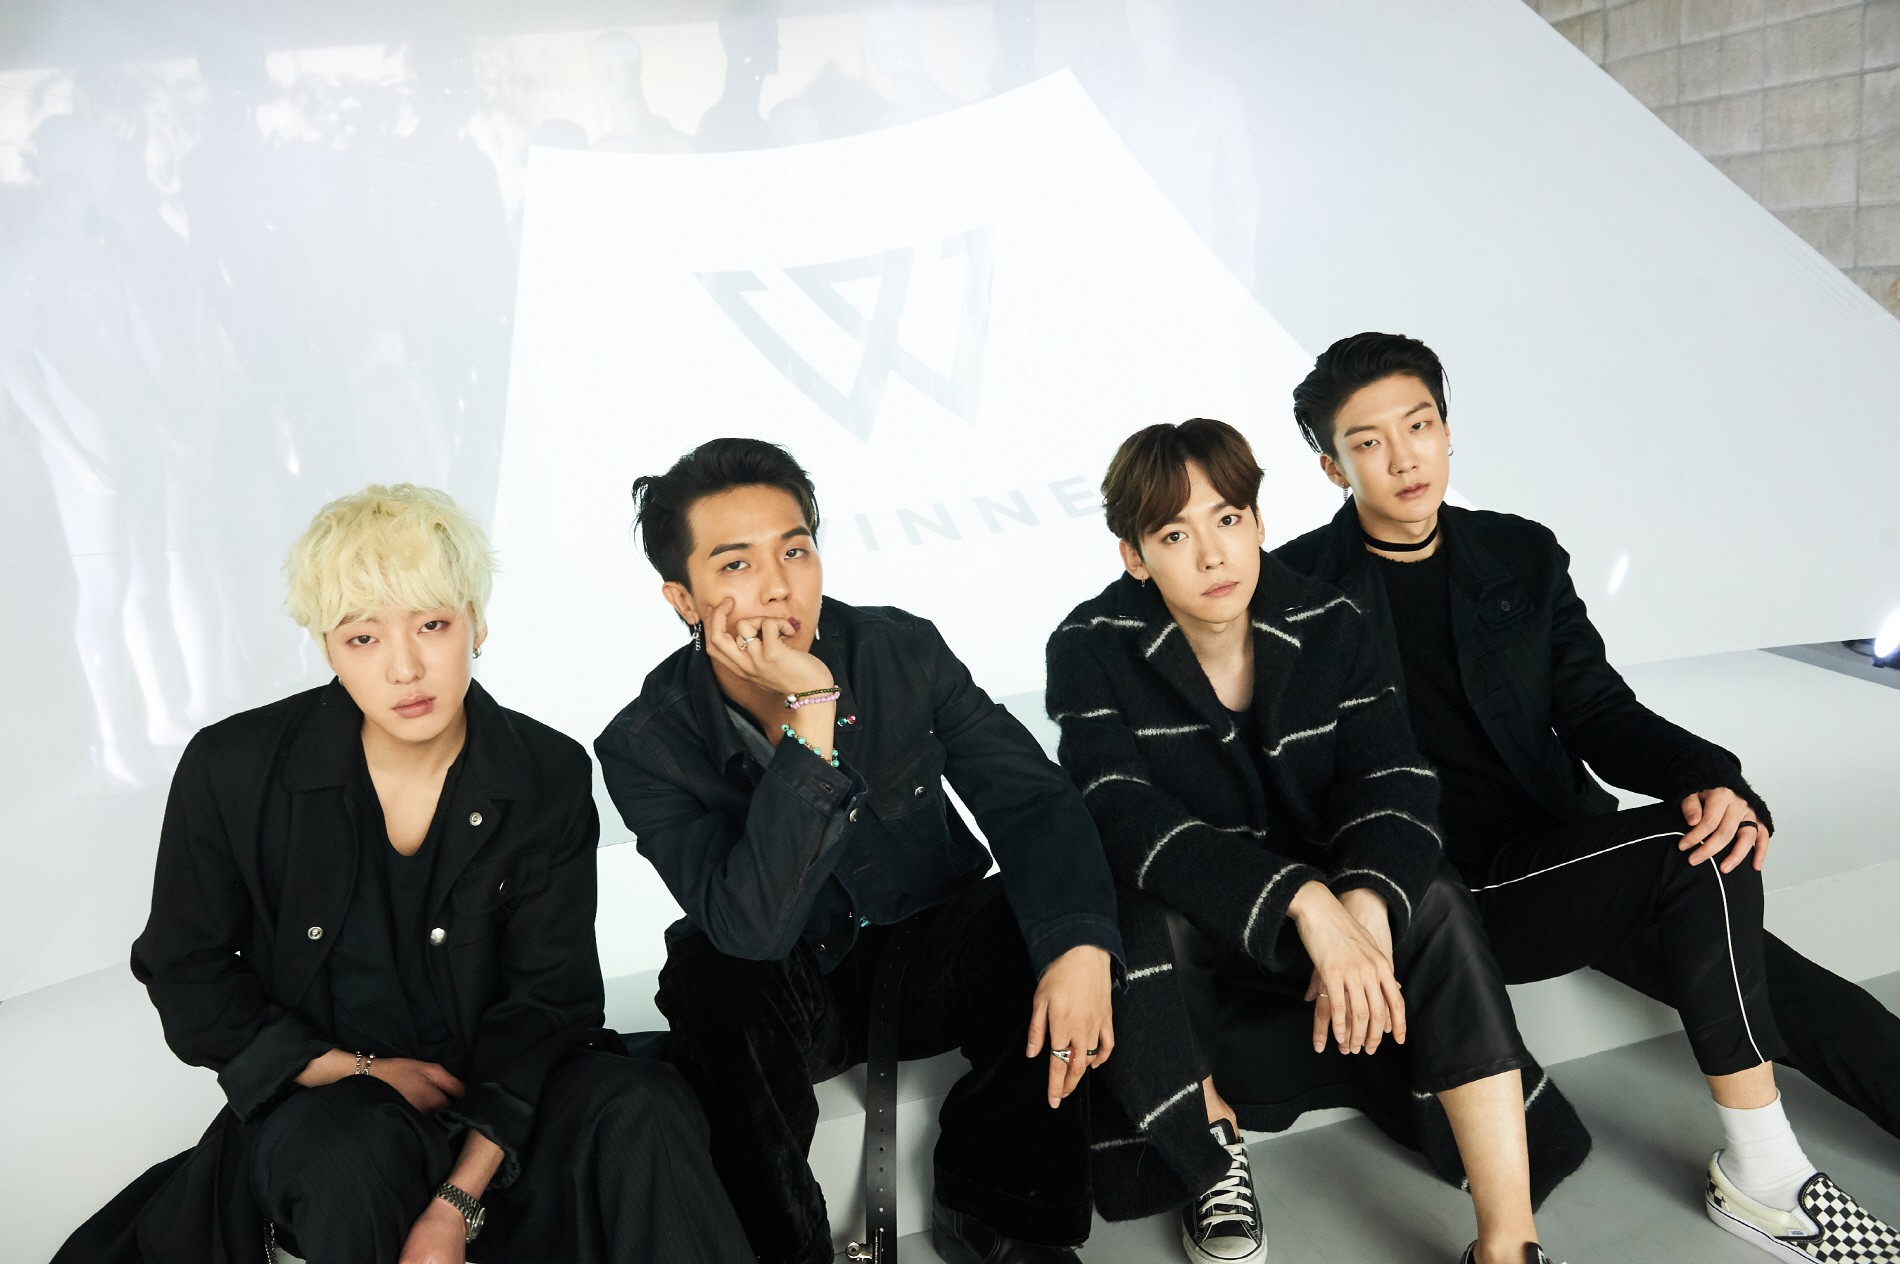 Sau iKON, đến lượt nhóm nhạc này trở thành nạn nhân bị tẩy chay vì bê bối của YG - Ảnh 1.